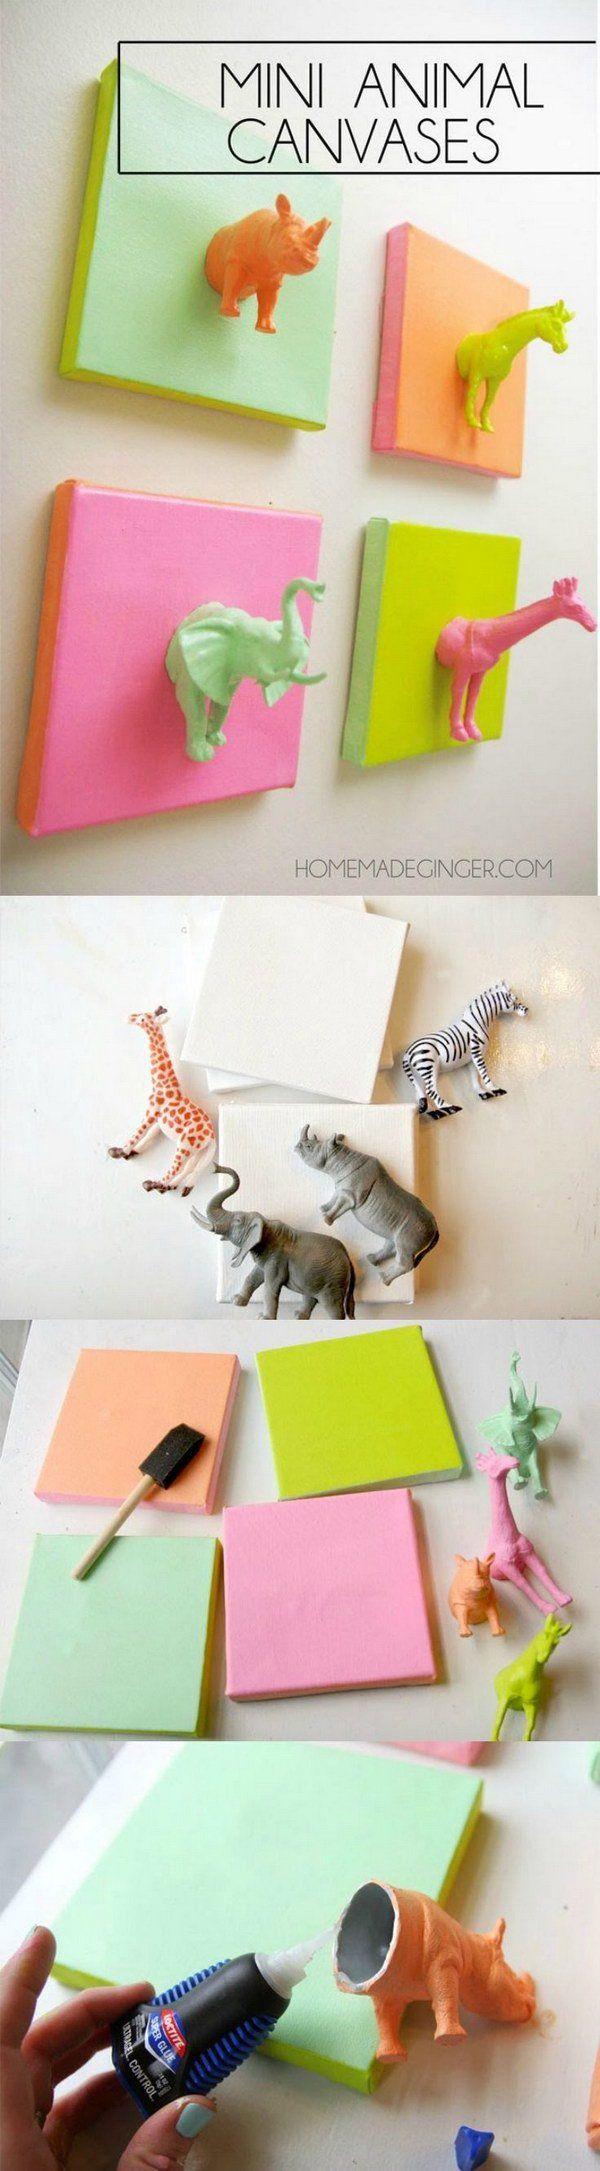 awesome wall art ideas u tutorials plastic animals diy canvas